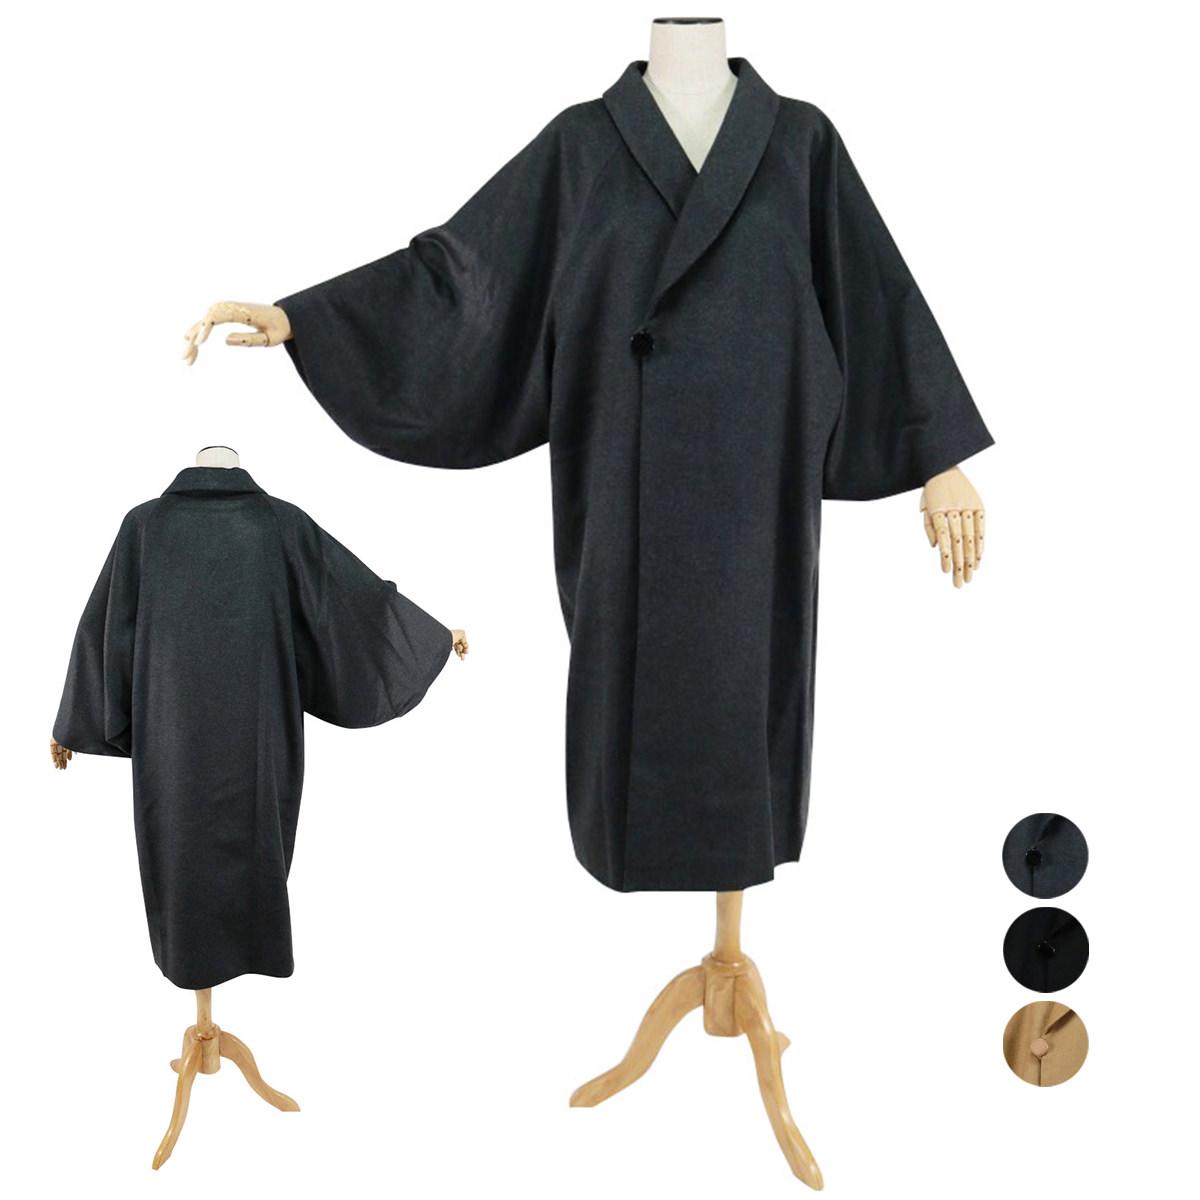 呉服屋 女物 カシミアコート カシミア100% ロングコート 道行コート 和装コート 着物用コート フリーサイズ 女性用 レディース グレー ブラック キャメル kis